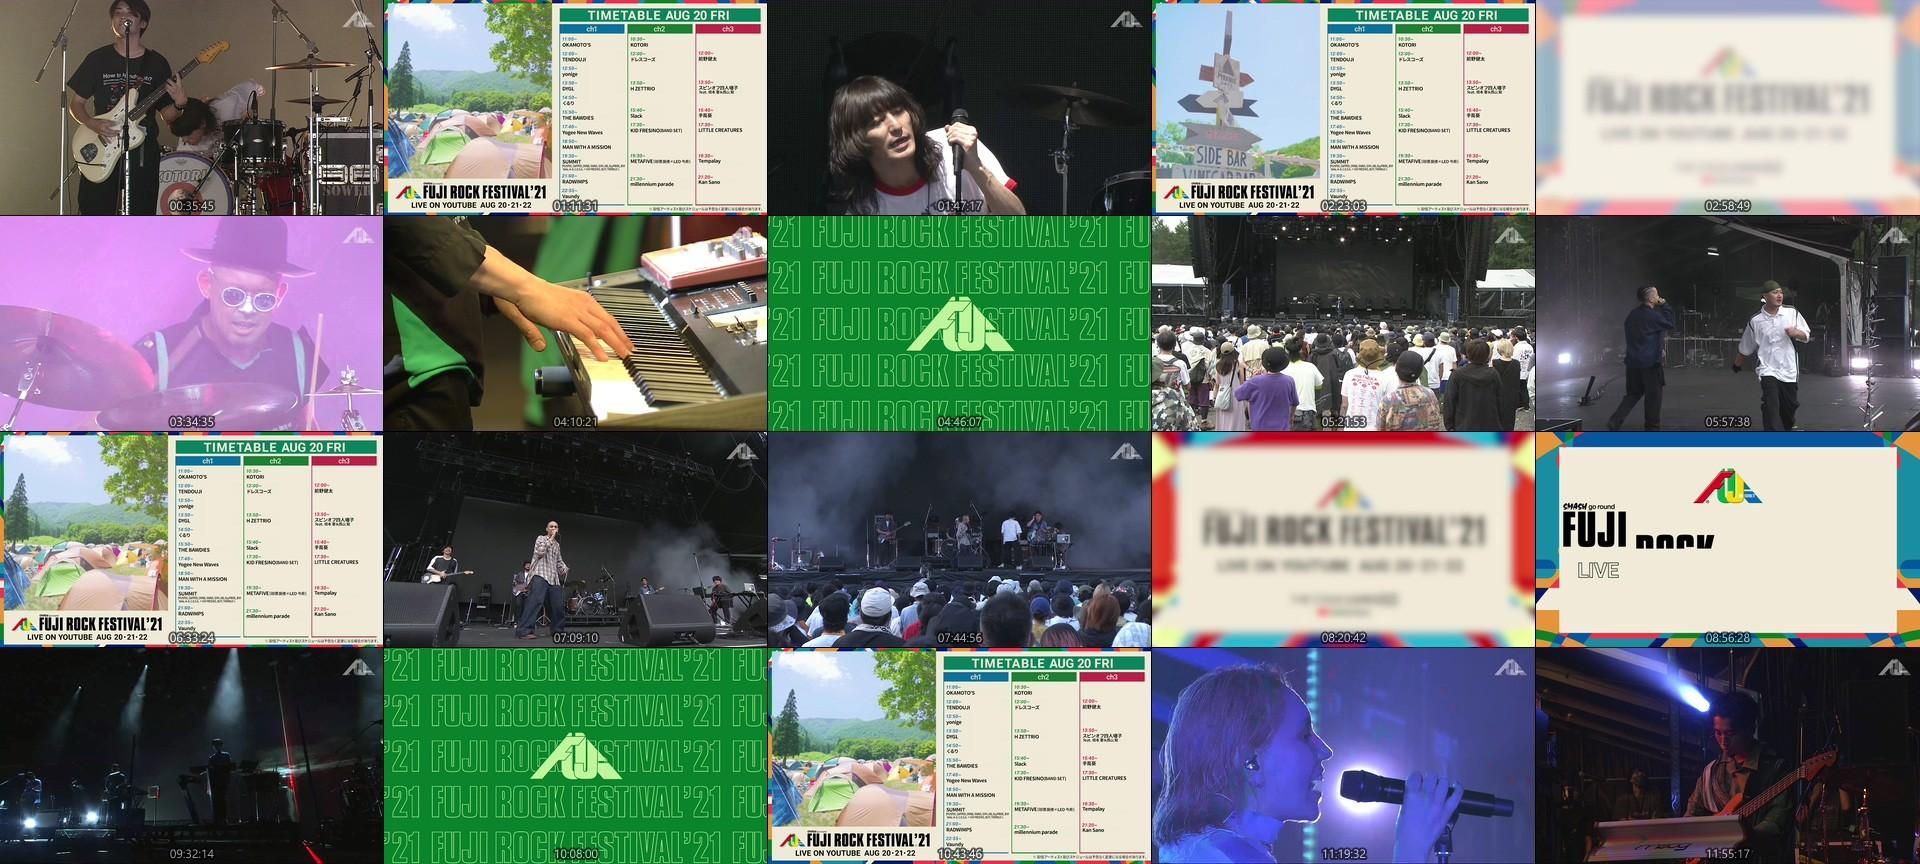 FUJI ROCK FESTIVAL – FUJI ROCK FESTIVAL '21 DAY1 LIVE Channel 2 (YouTube Live 2021.08.20)